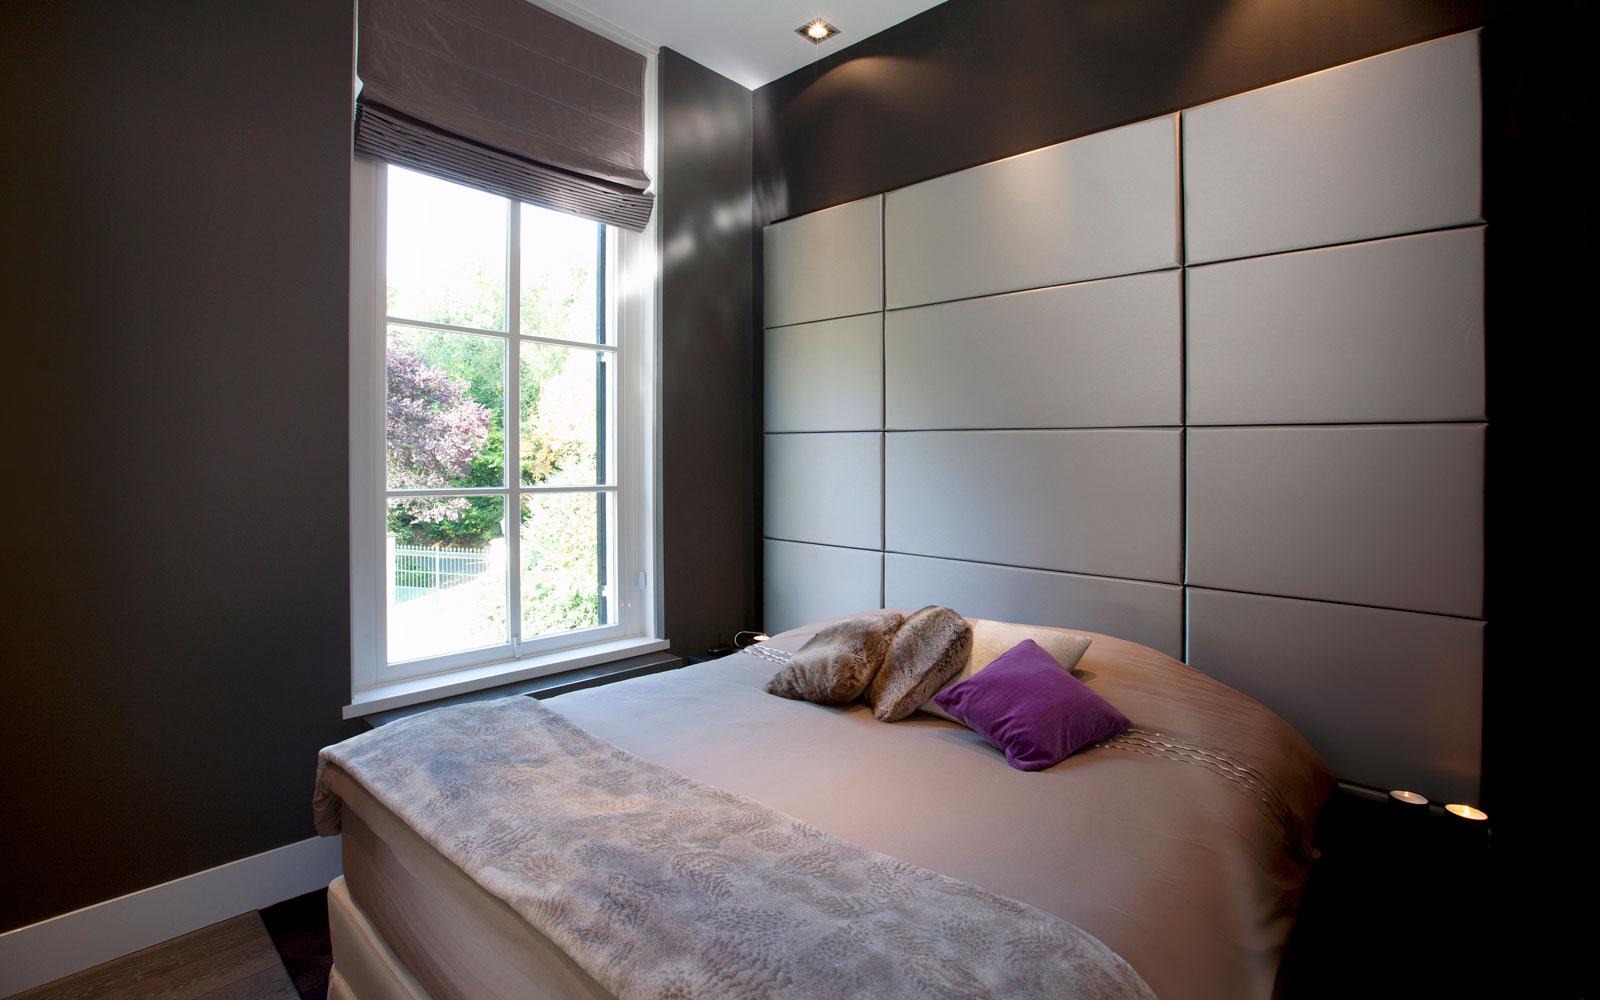 Slaapkamer, master bedroom, nieuwe indeling, kastenwand, maatwerk, klassiek herenhuis, Kees Marcelis